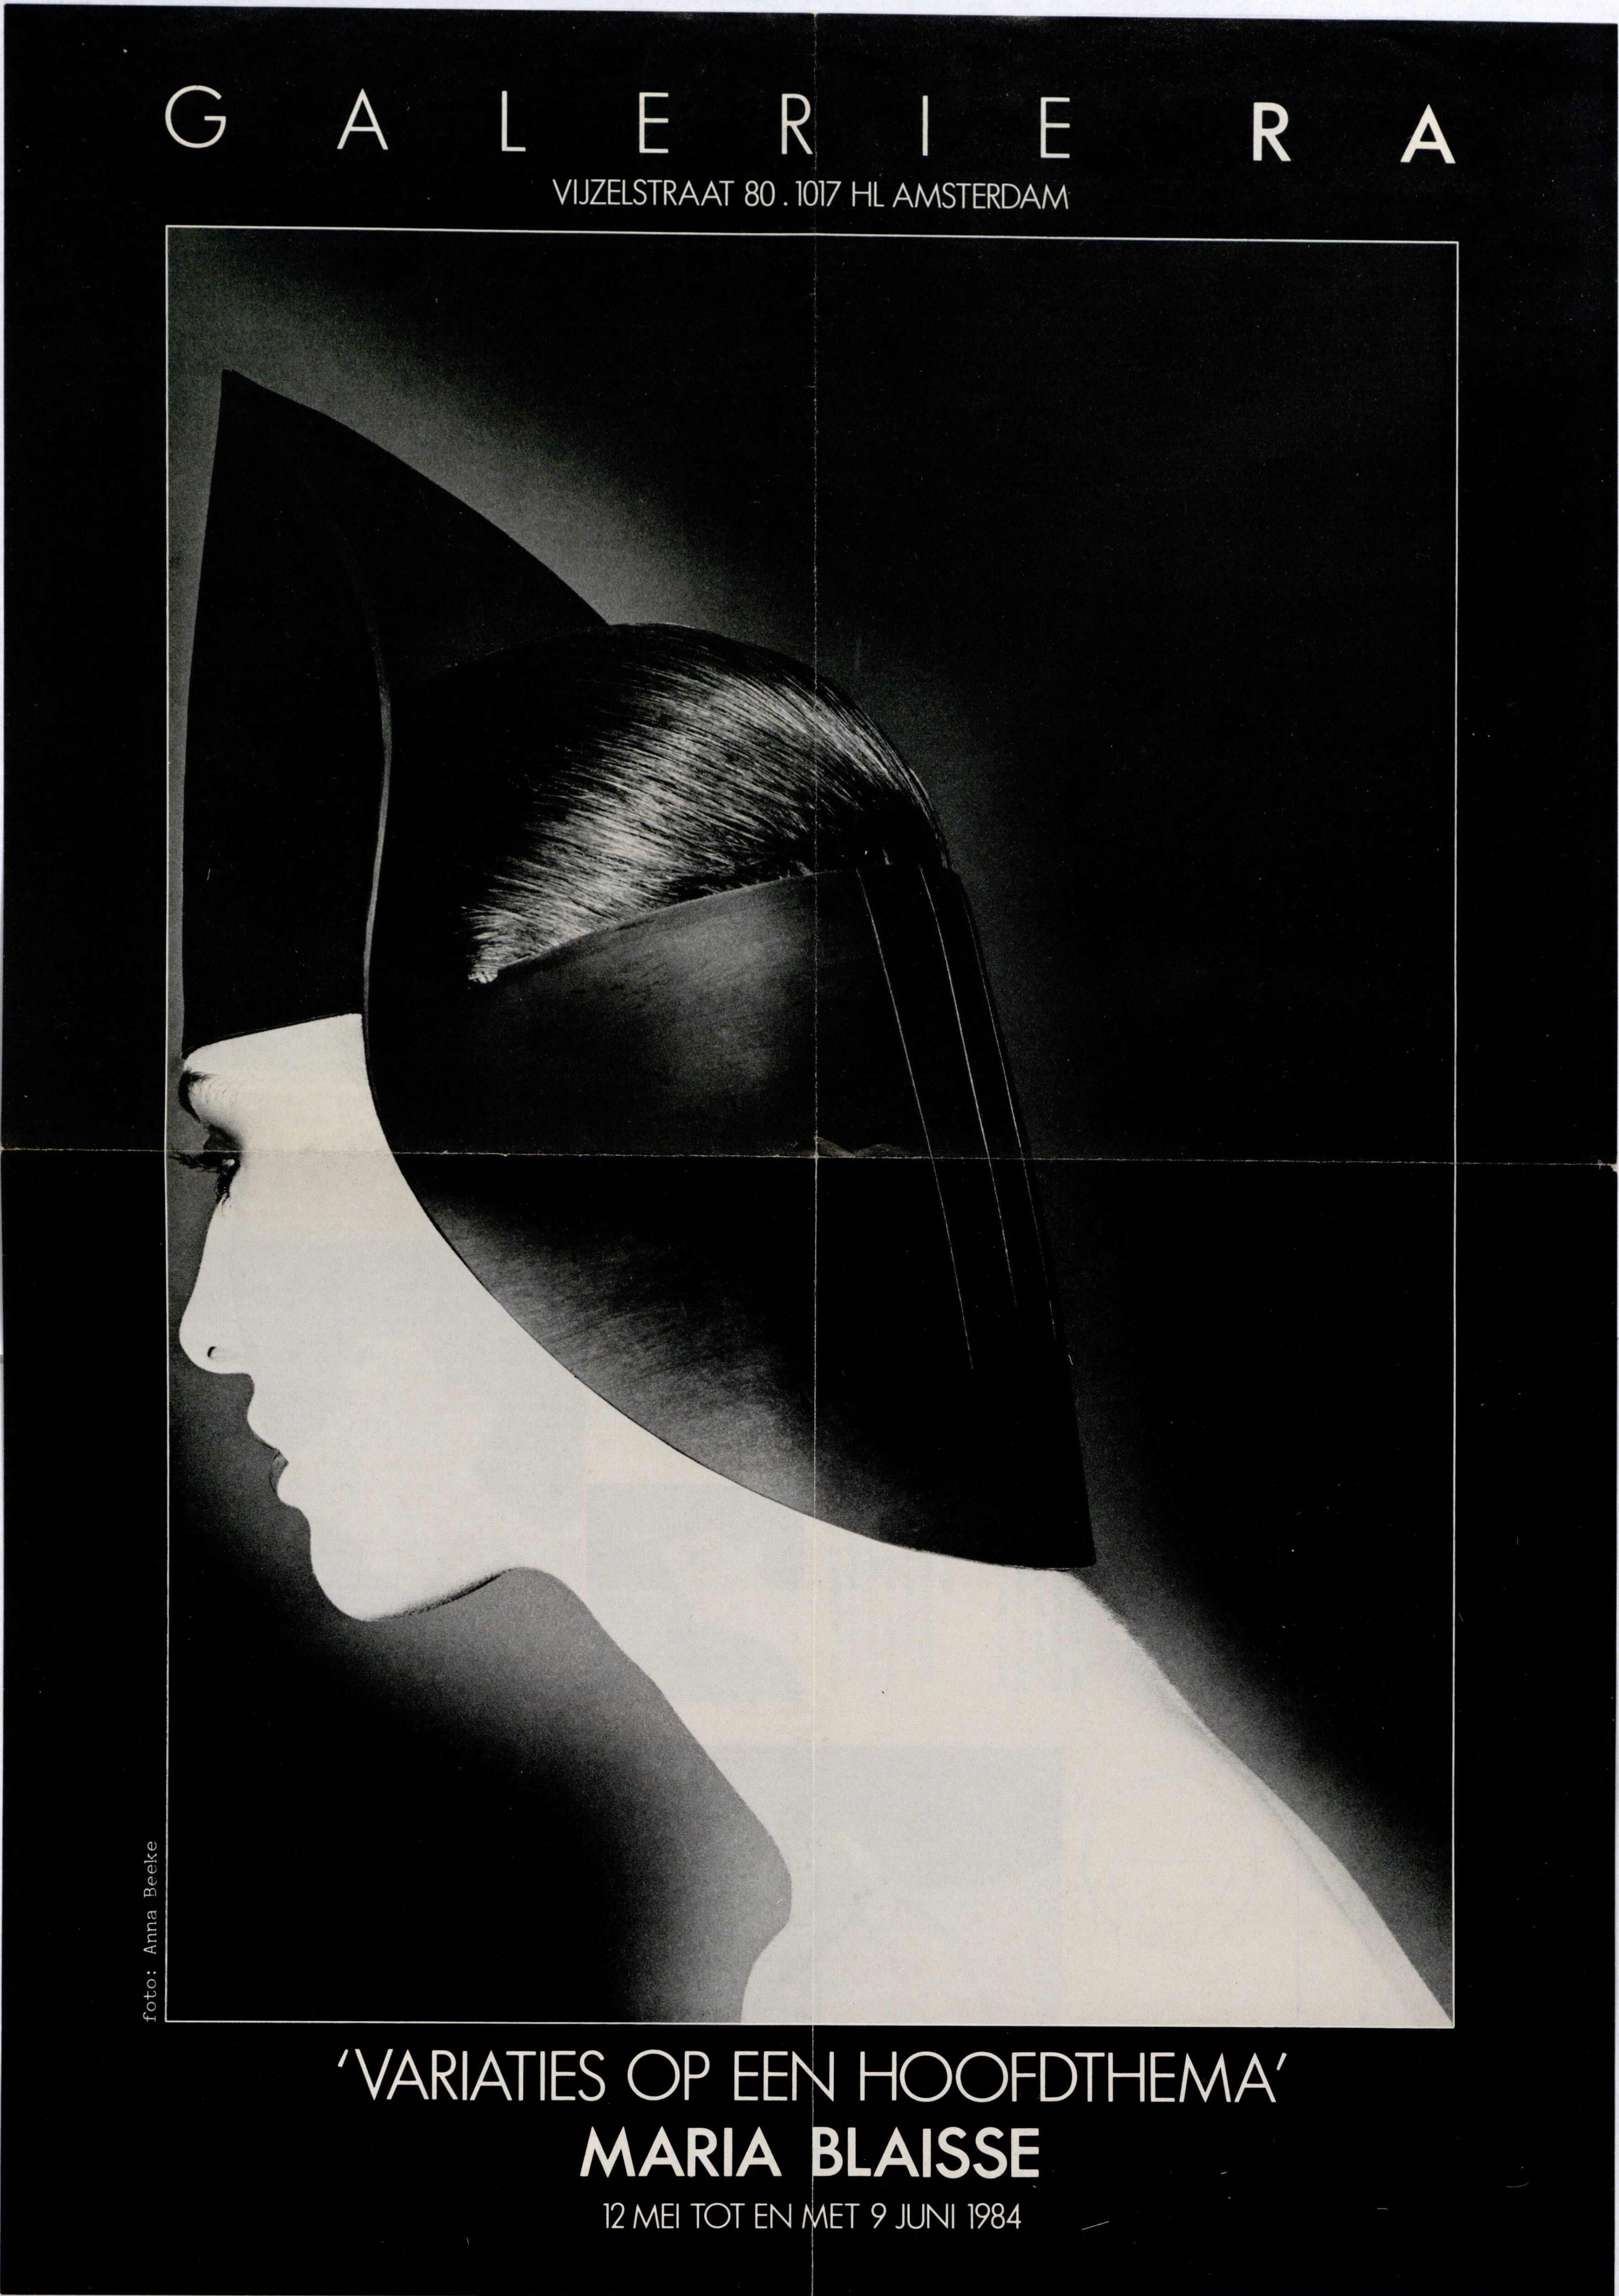 Ra Bulletin 11, mei 1984, voorzijde met hoed van Maria Blaisse, foto Anna Beeke, drukwerk, papier, rubber